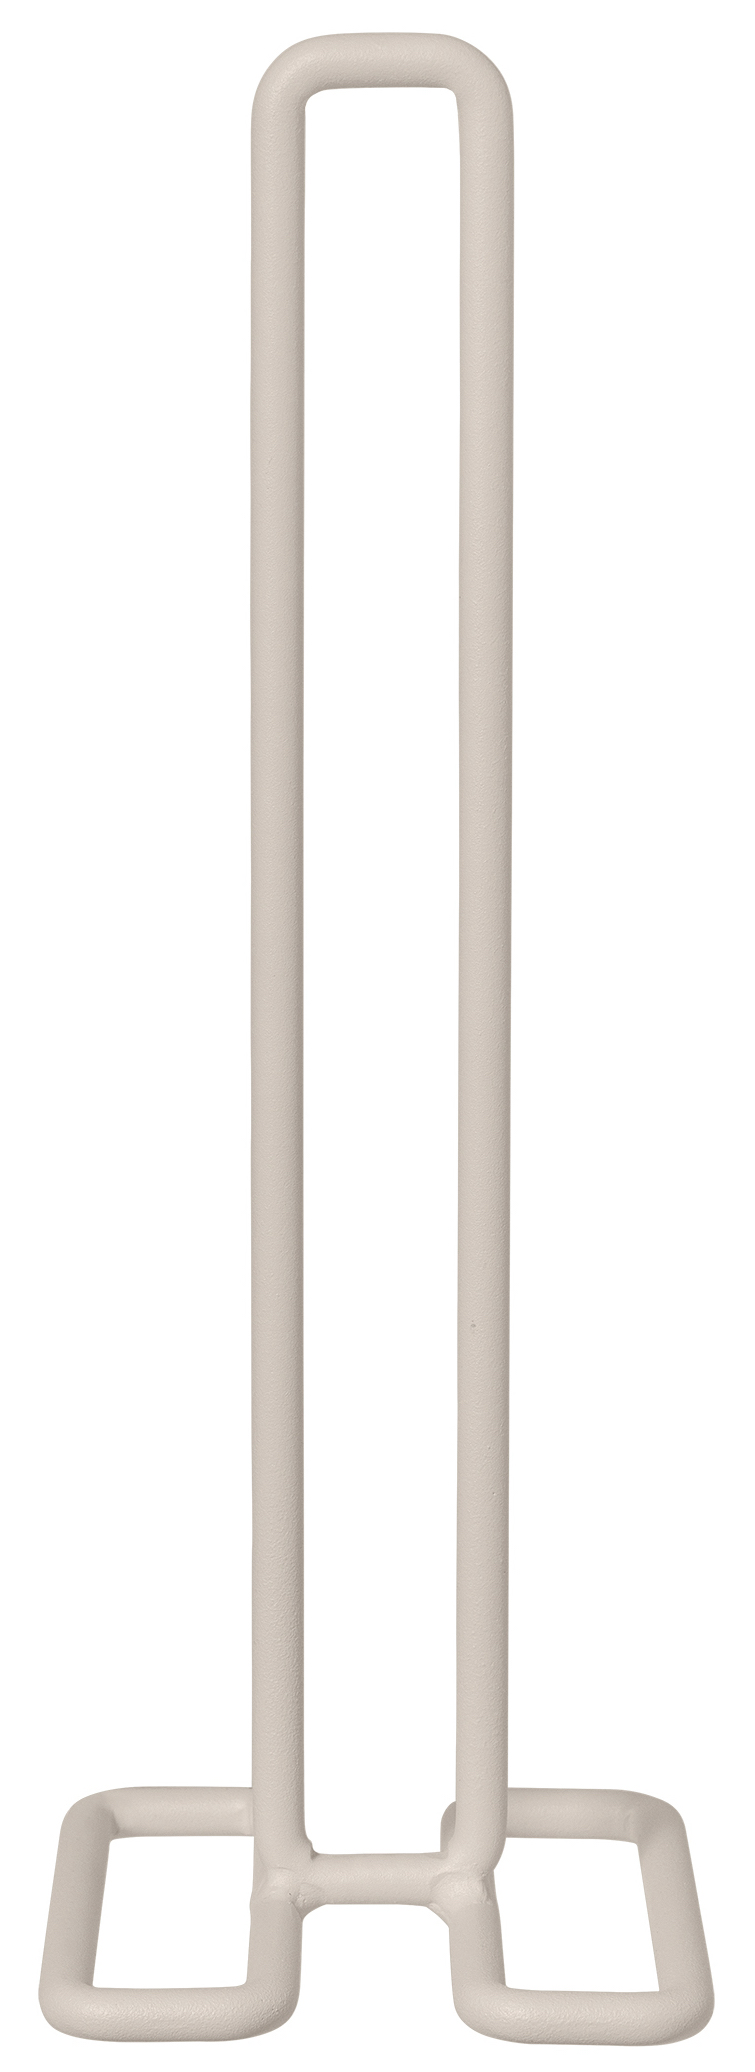 Blomus Kuchyňský držák na papírové utěrky krémový WIRES